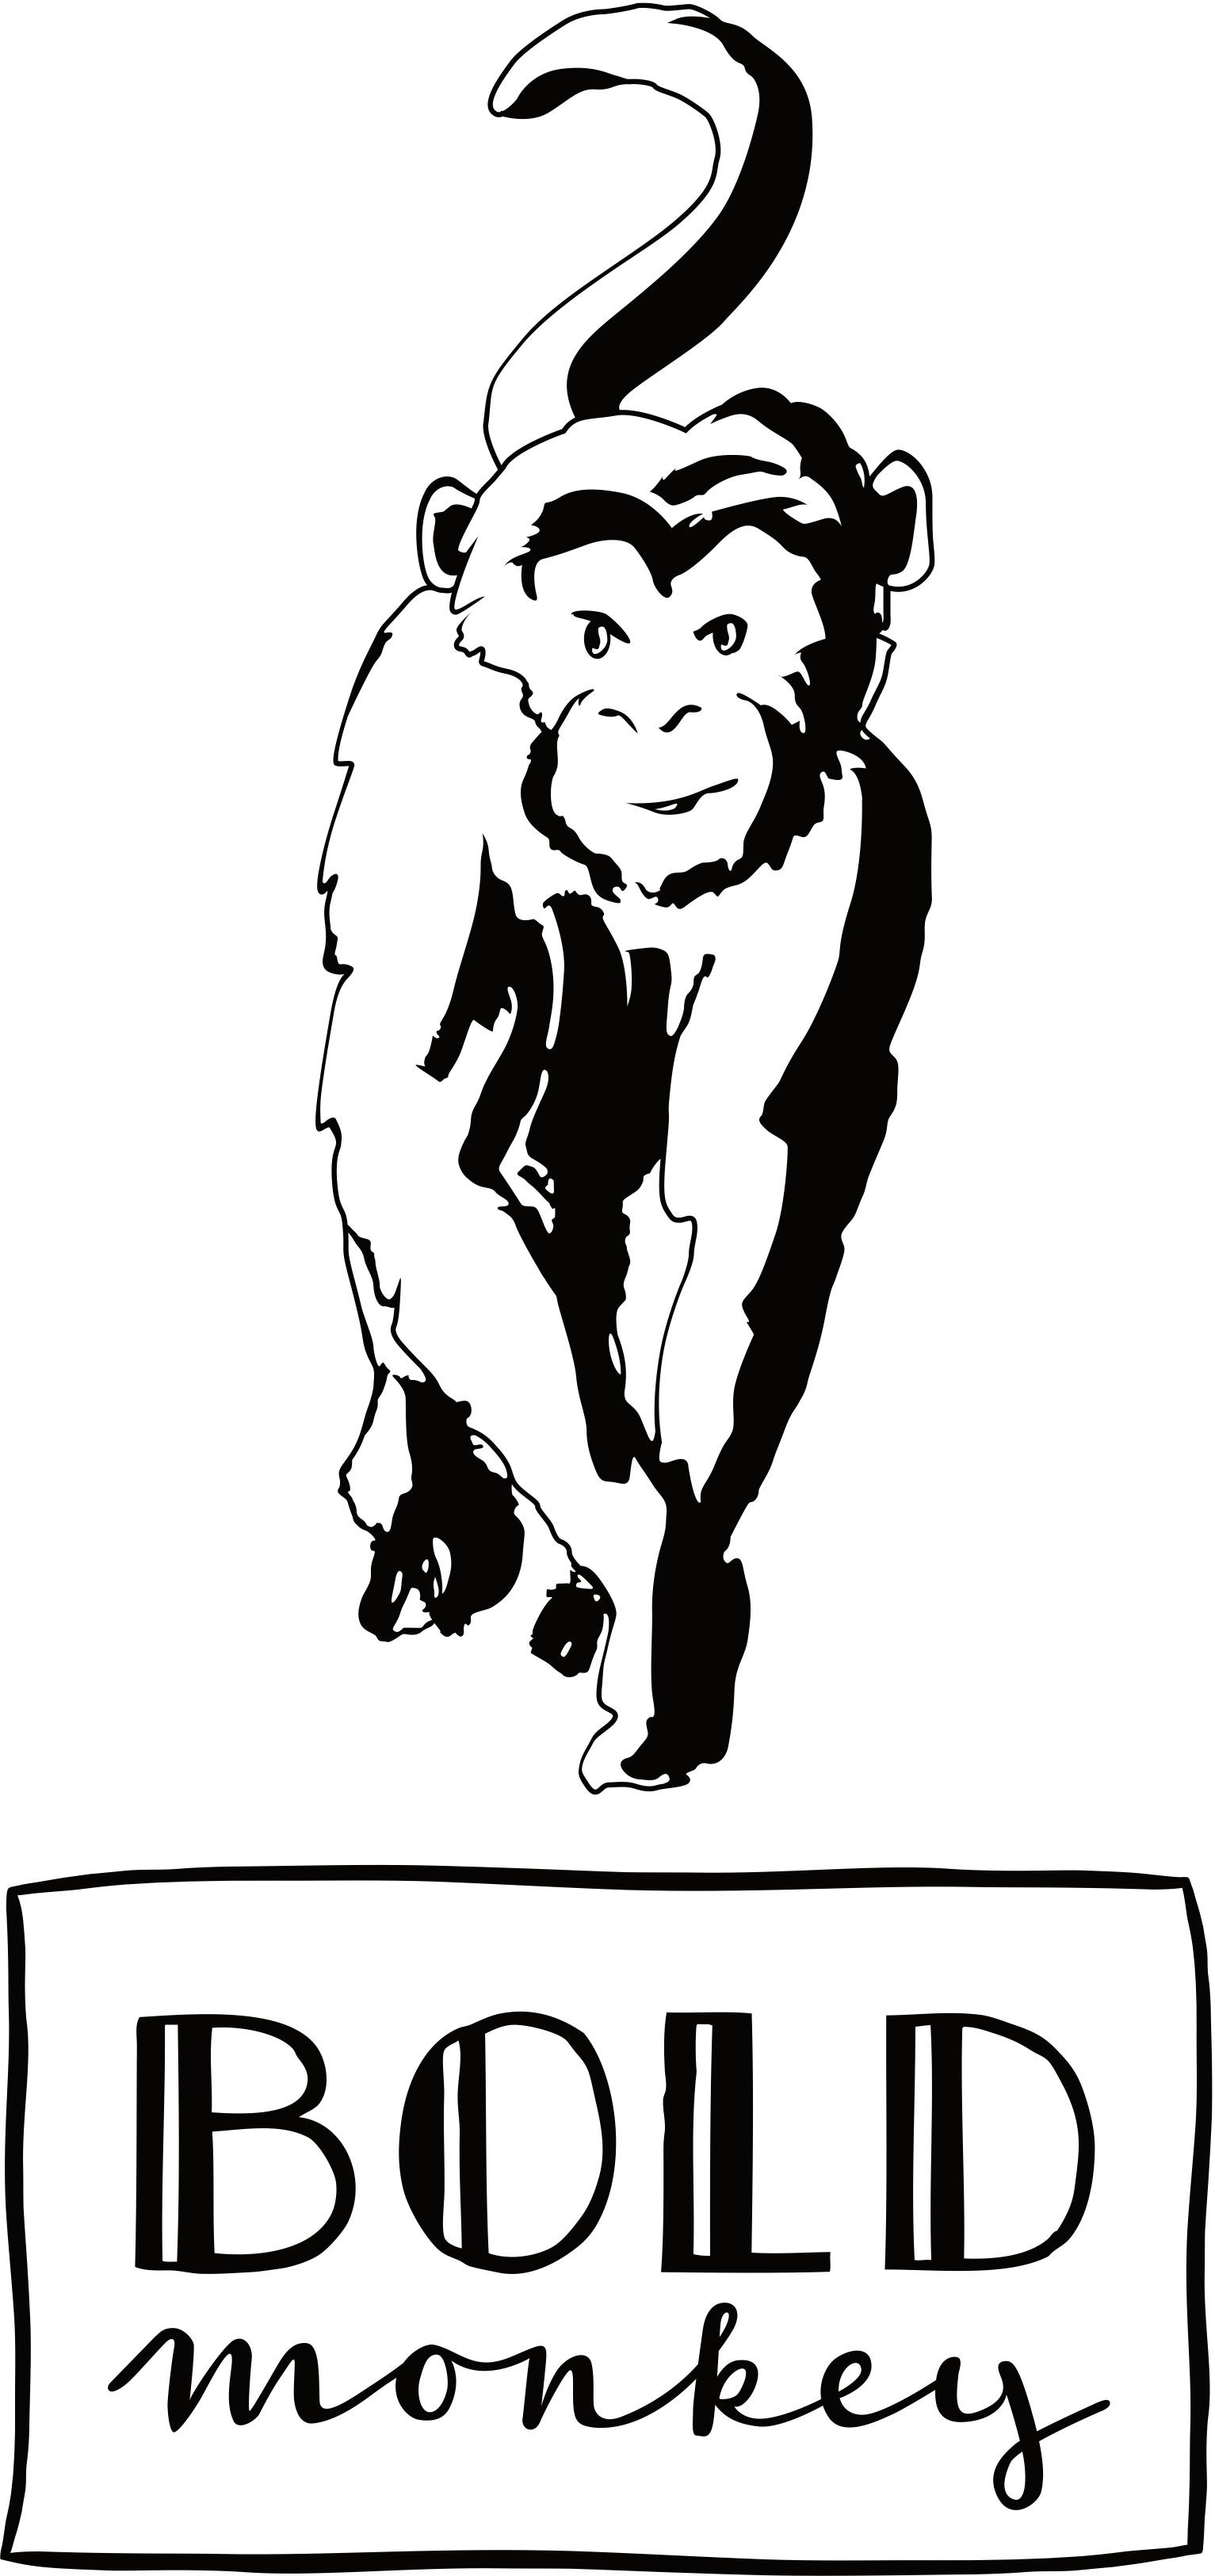 Bold Monkey Don't love me love bank groen velvet fluweel stof kussen zitbank zitkussen gouden poten